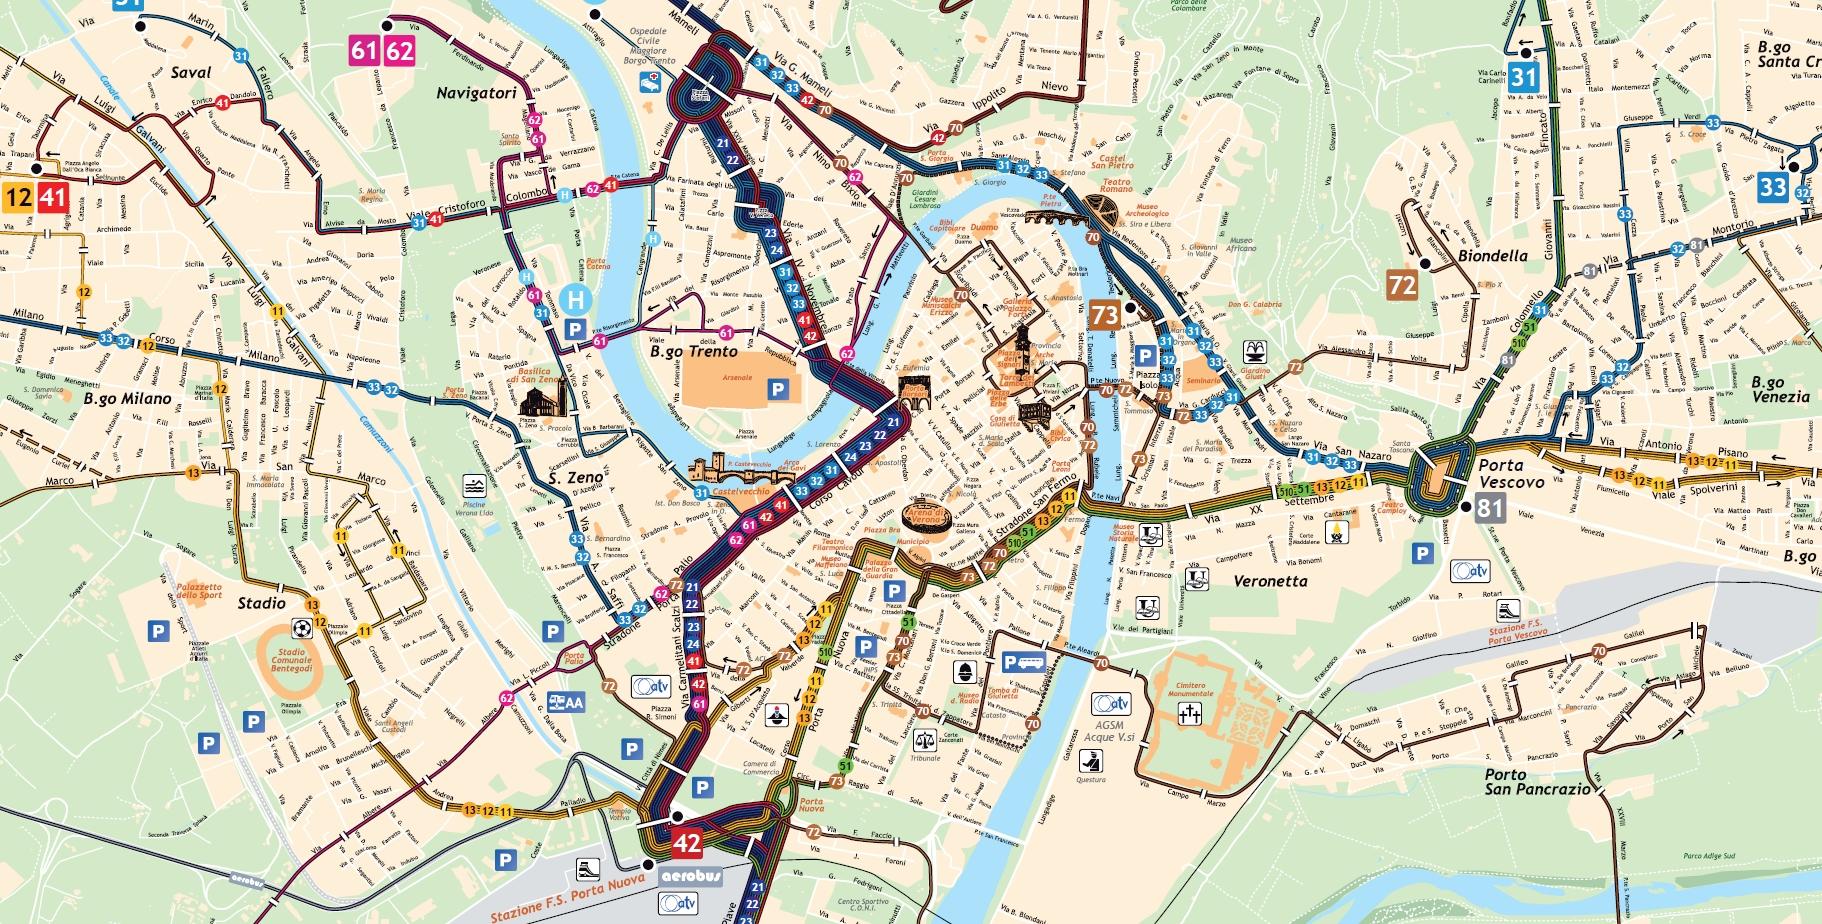 Схема транспорта римини